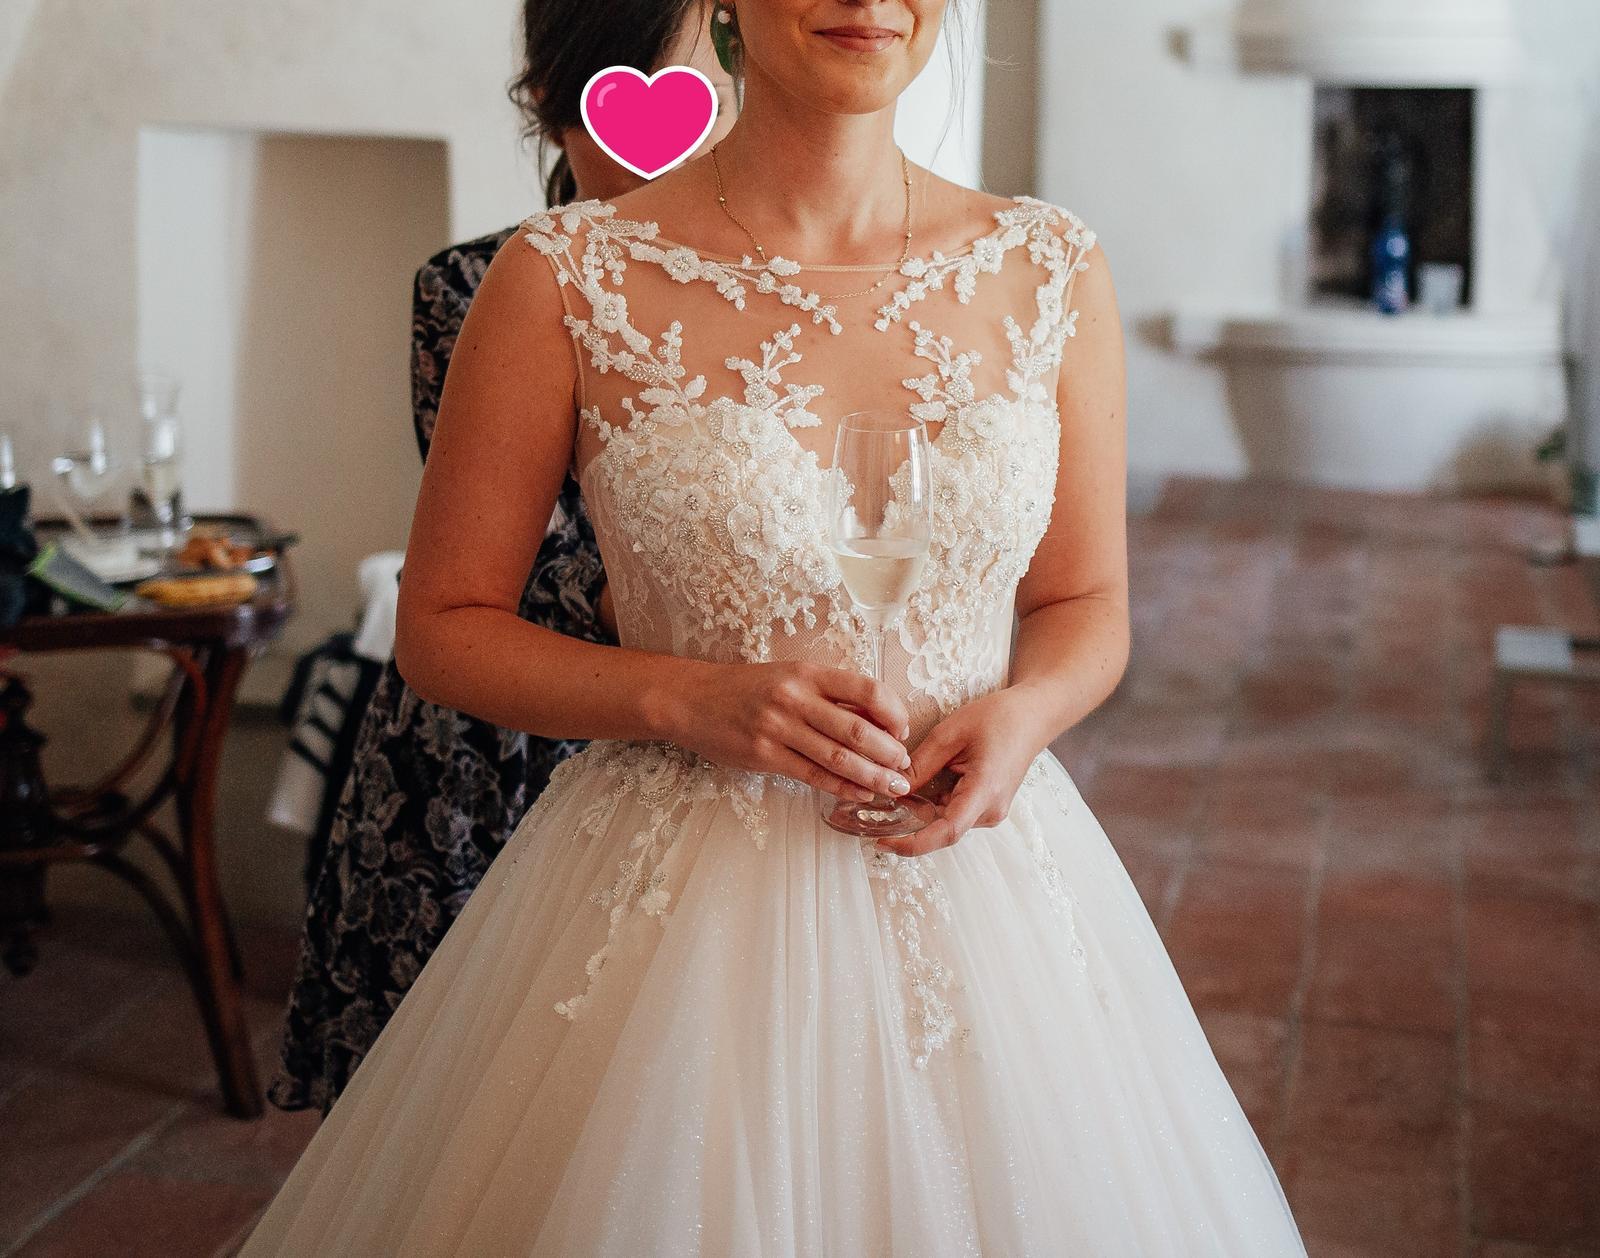 Svatební šaty - Elody Linda - Obrázek č. 3